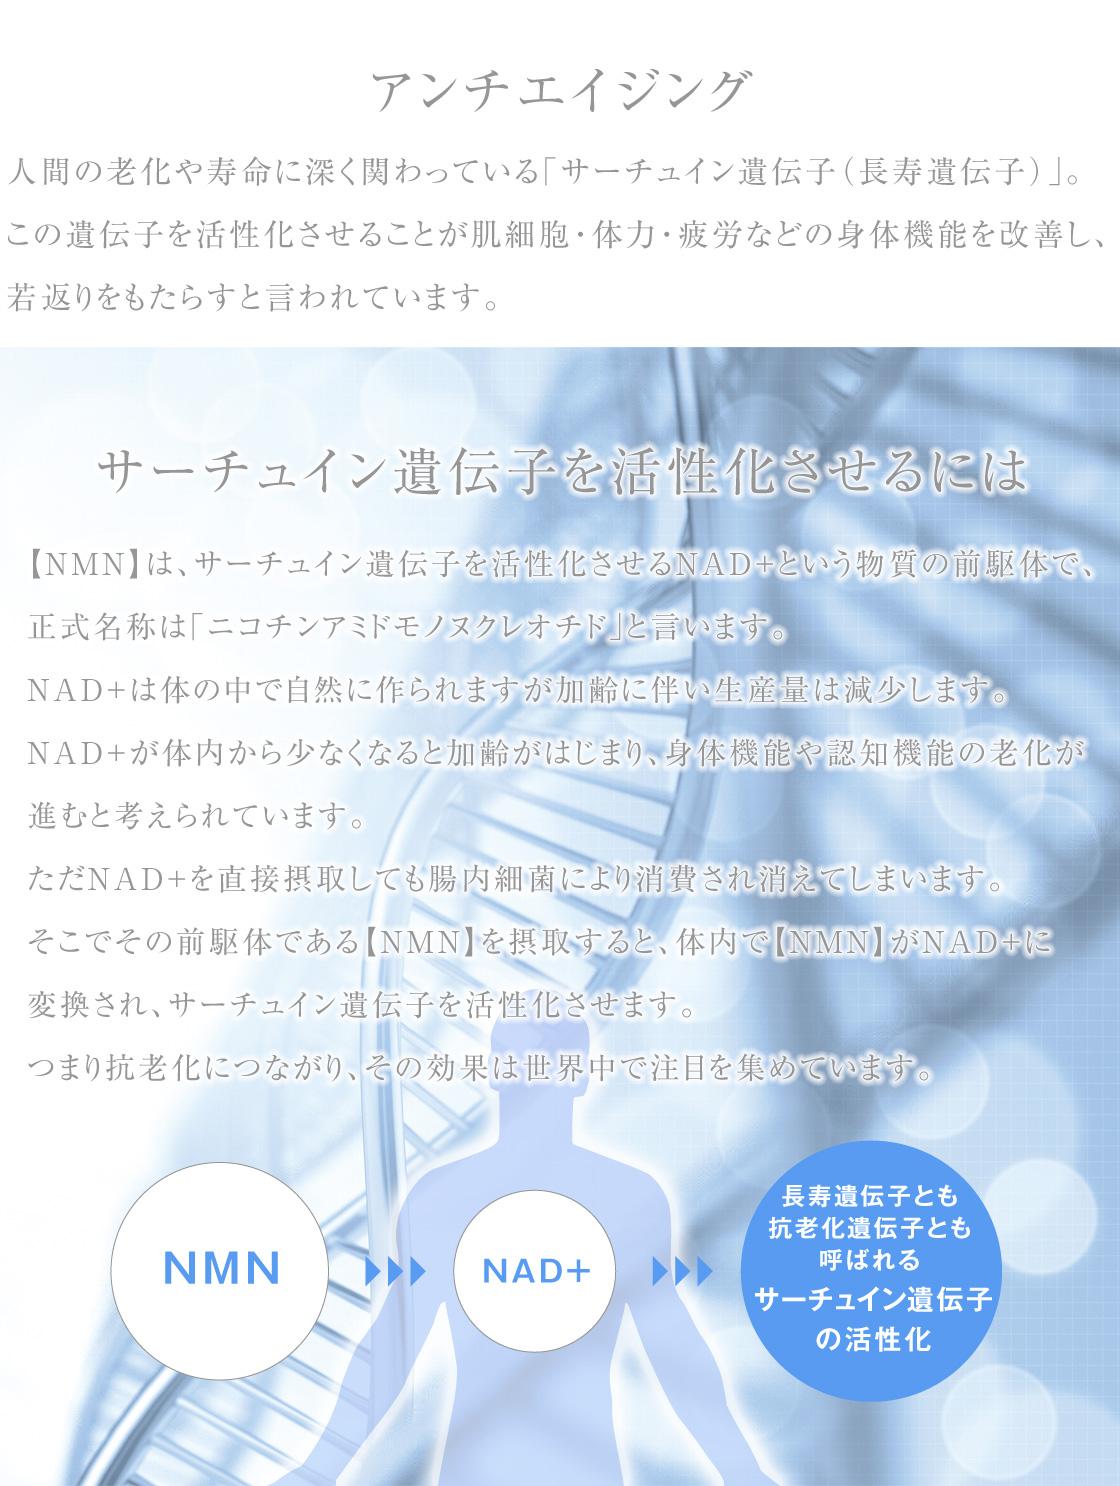 NMNでアンチエイジング